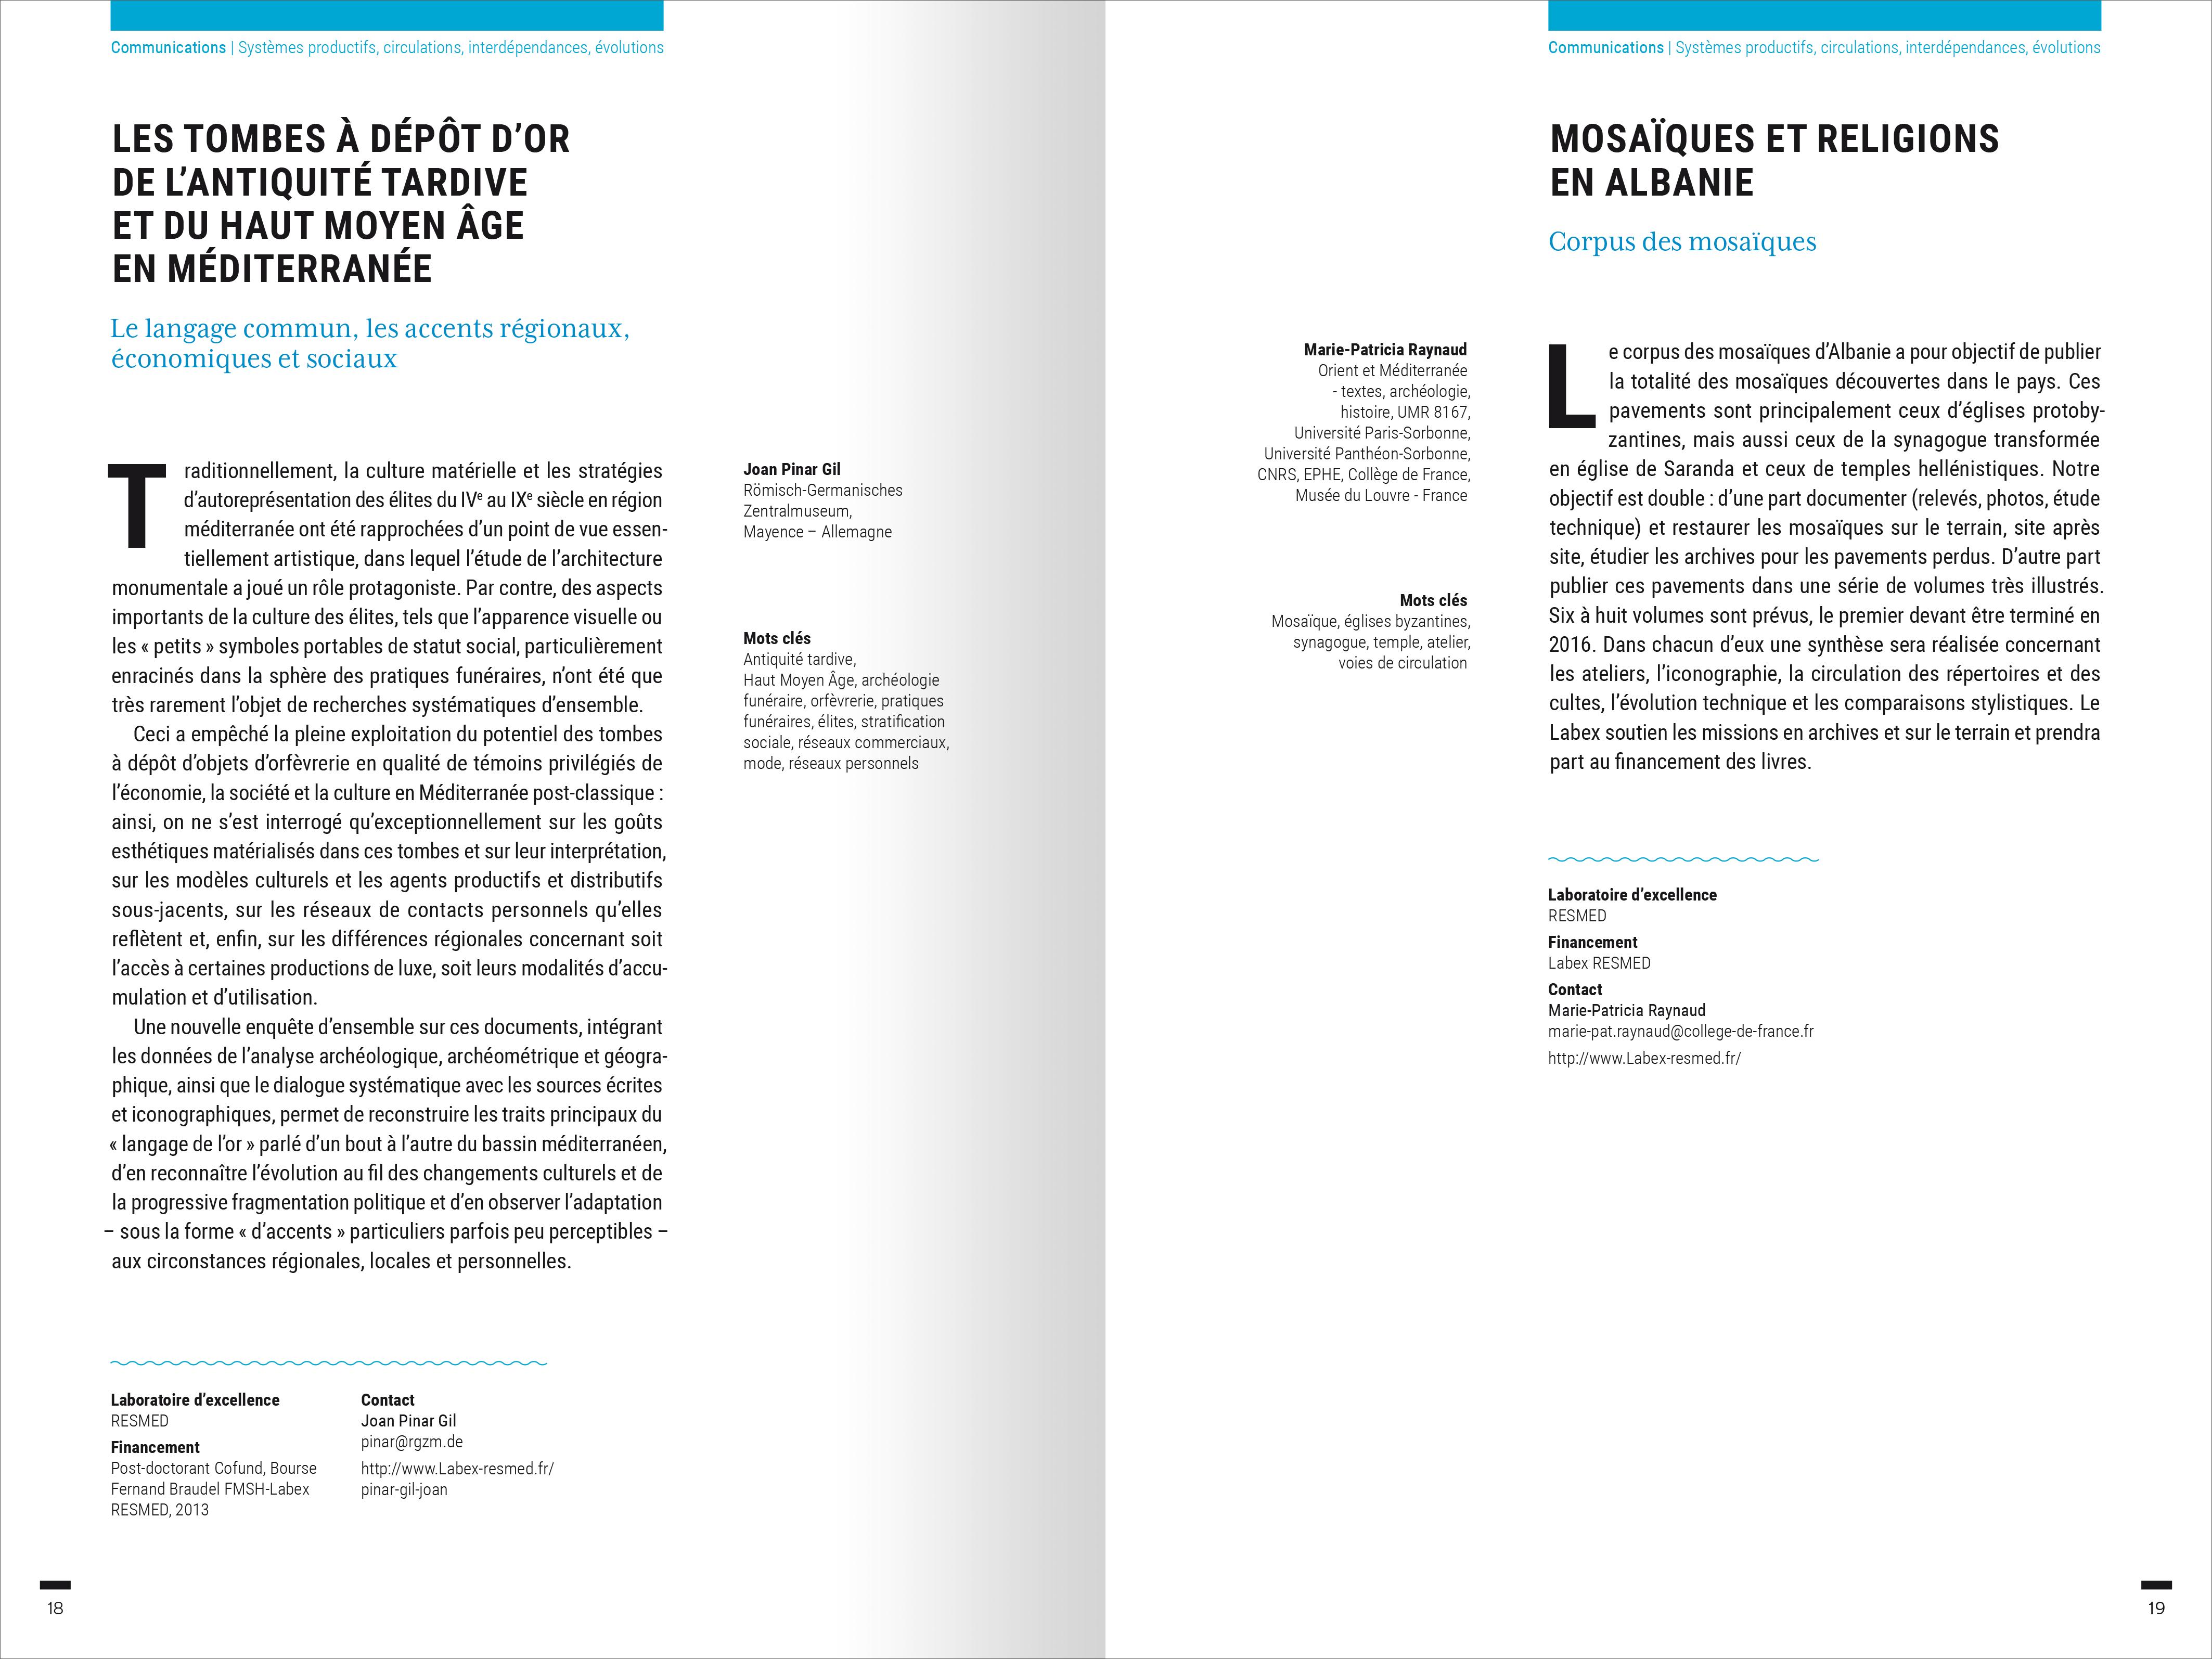 Panorama des recherches en Sciences sociales